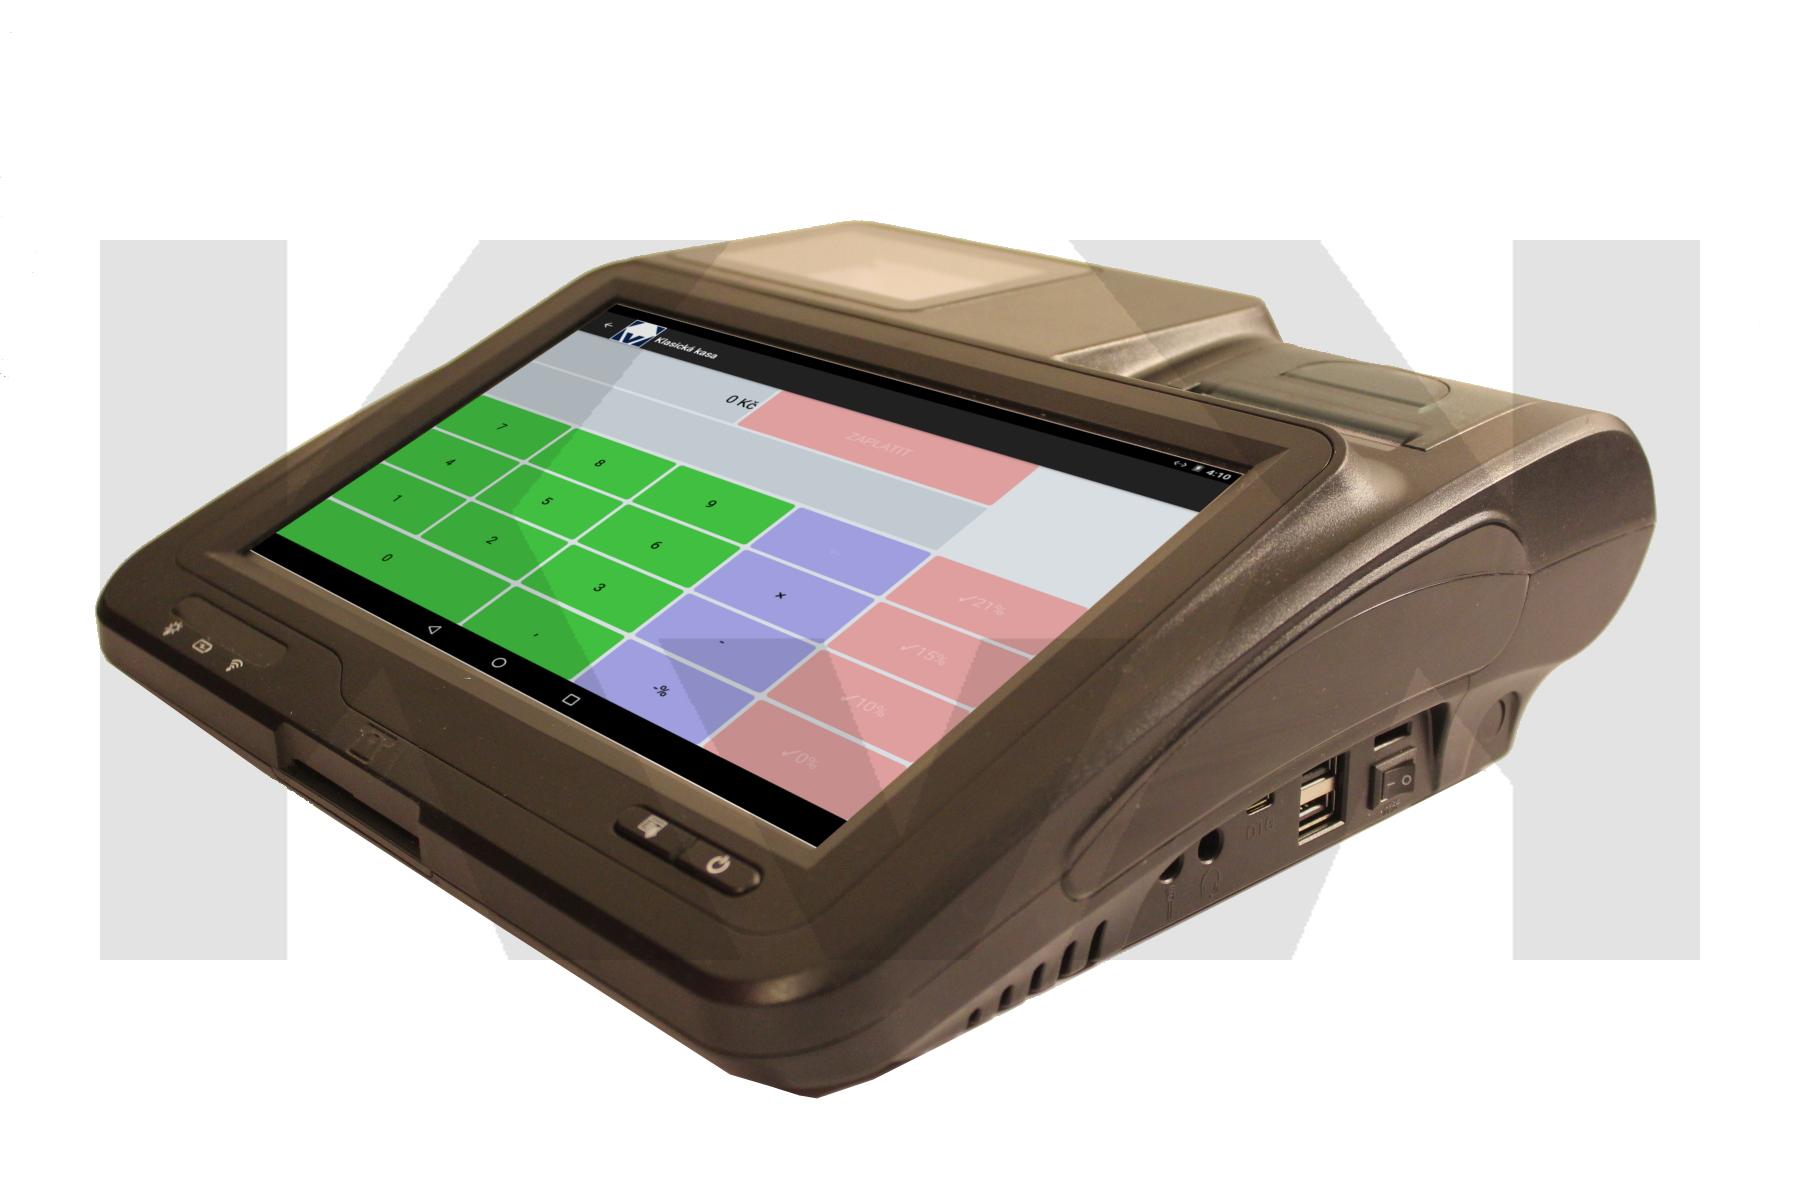 Stolní pokladna, pokladna na pult, EET, EET pokladna, EET kasa, malá pokladna, kapesní podkladna, pokladní terminál, android pokladna